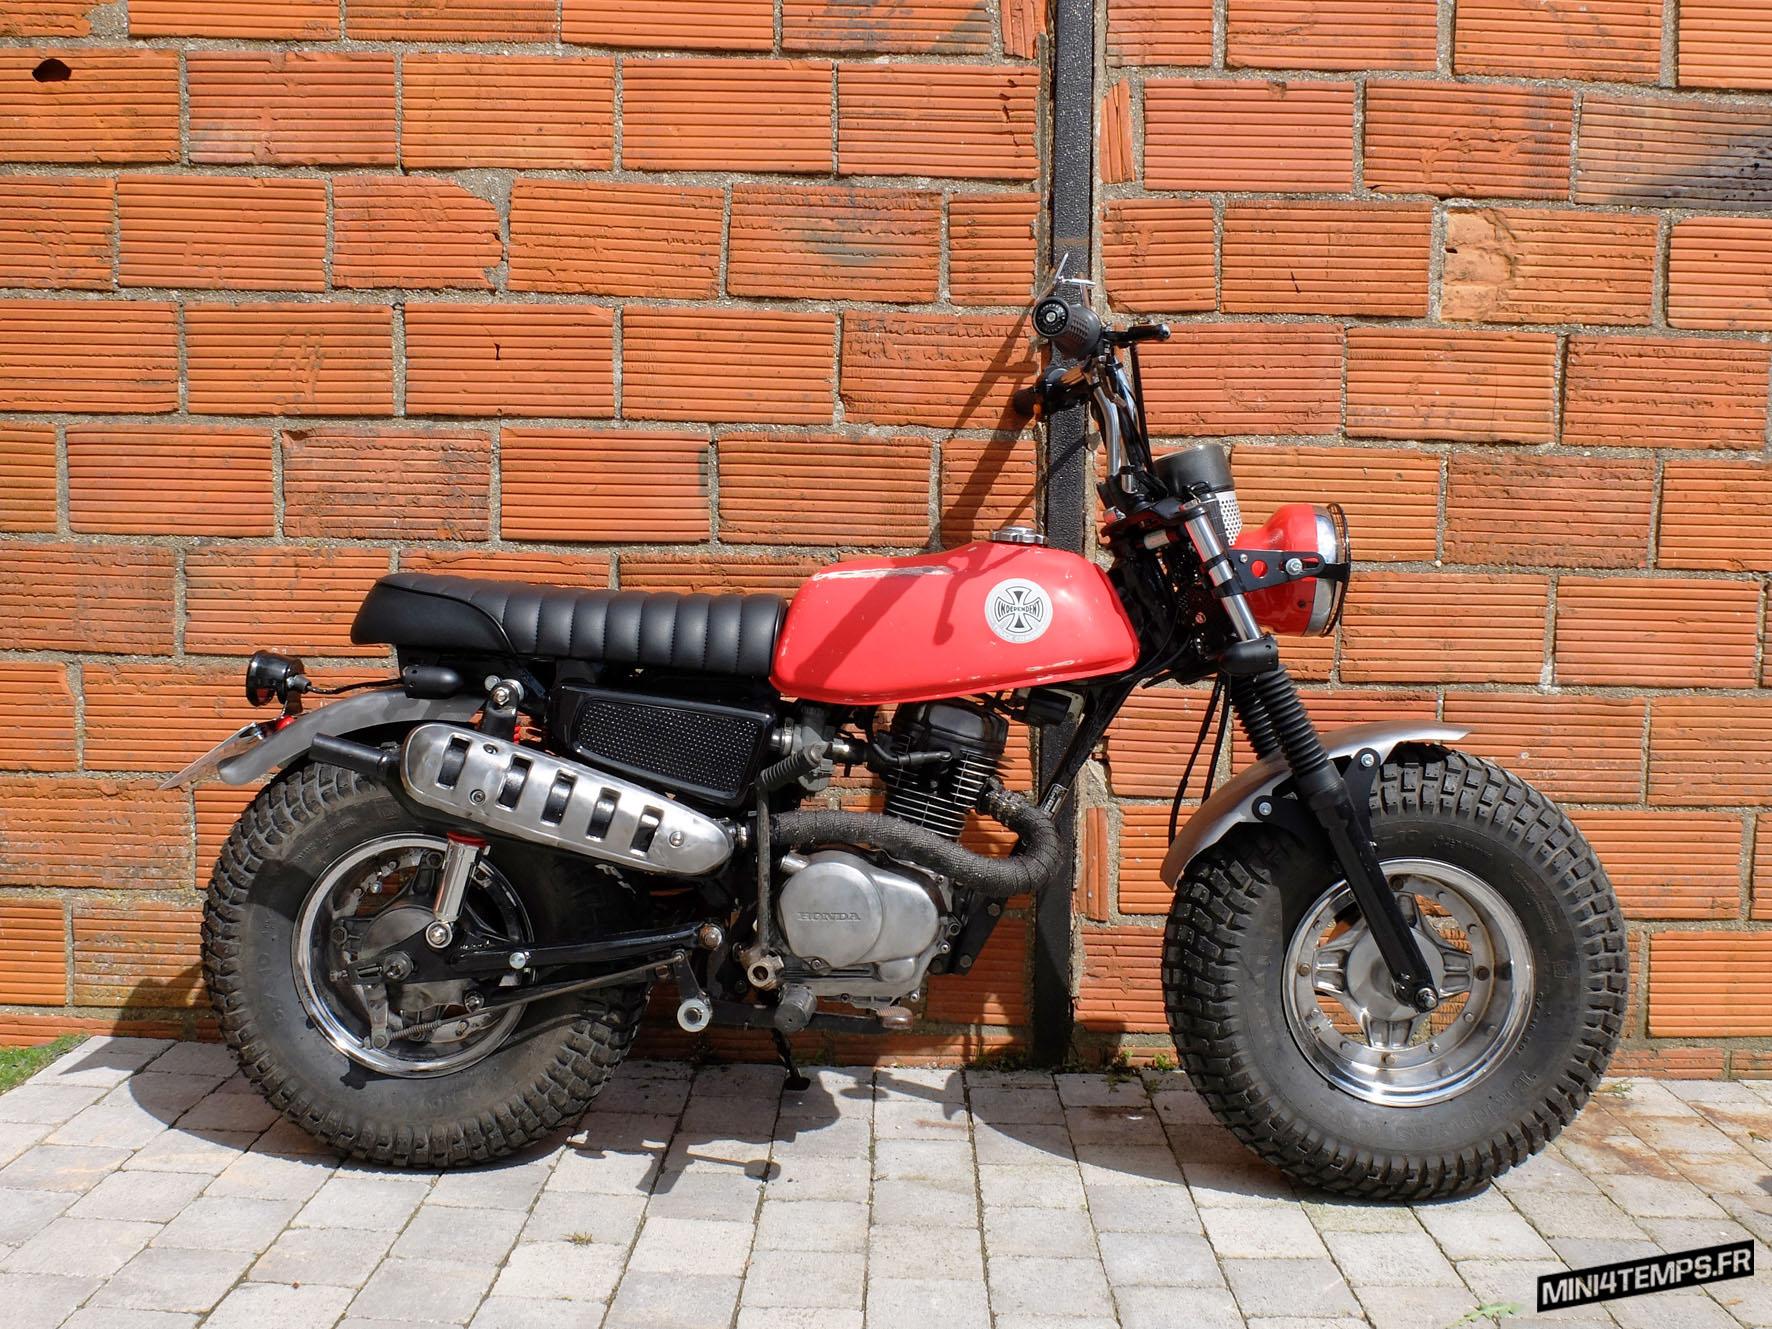 Le Honda CY80 de 1979 de EDA - mini4temps.fr